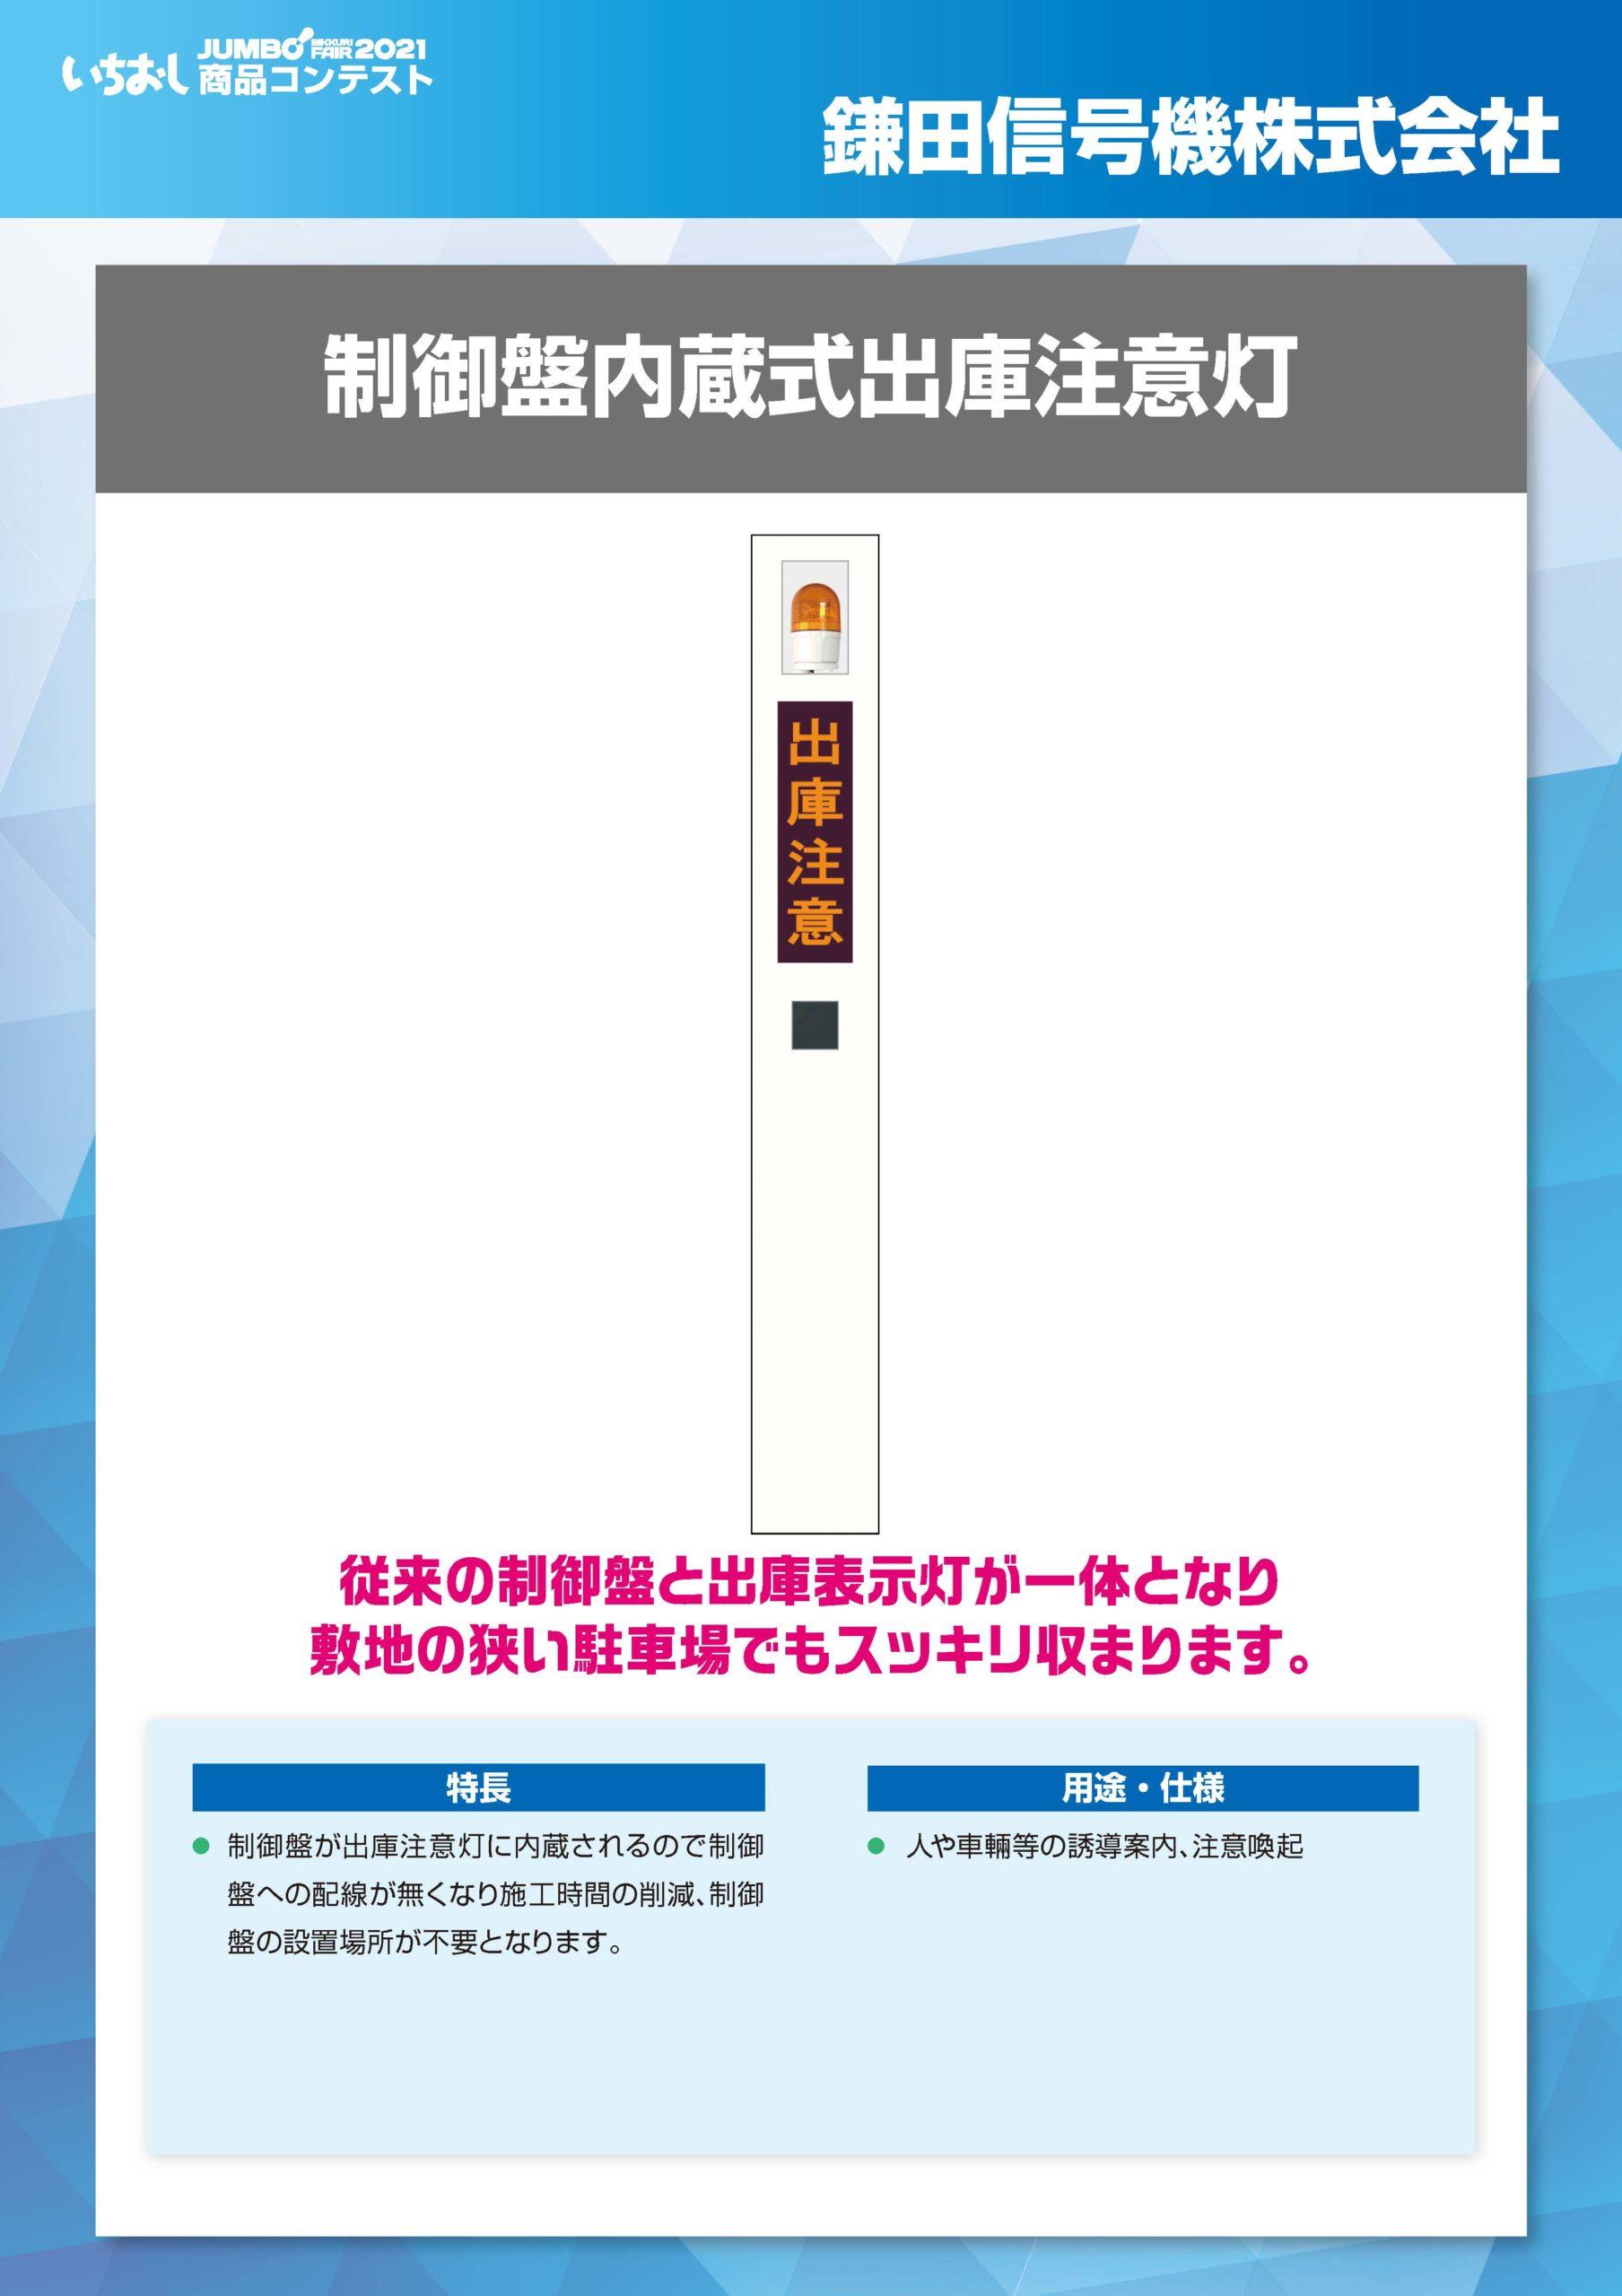 「制御盤内蔵式出庫注意灯」鎌田信号機株式会社の画像